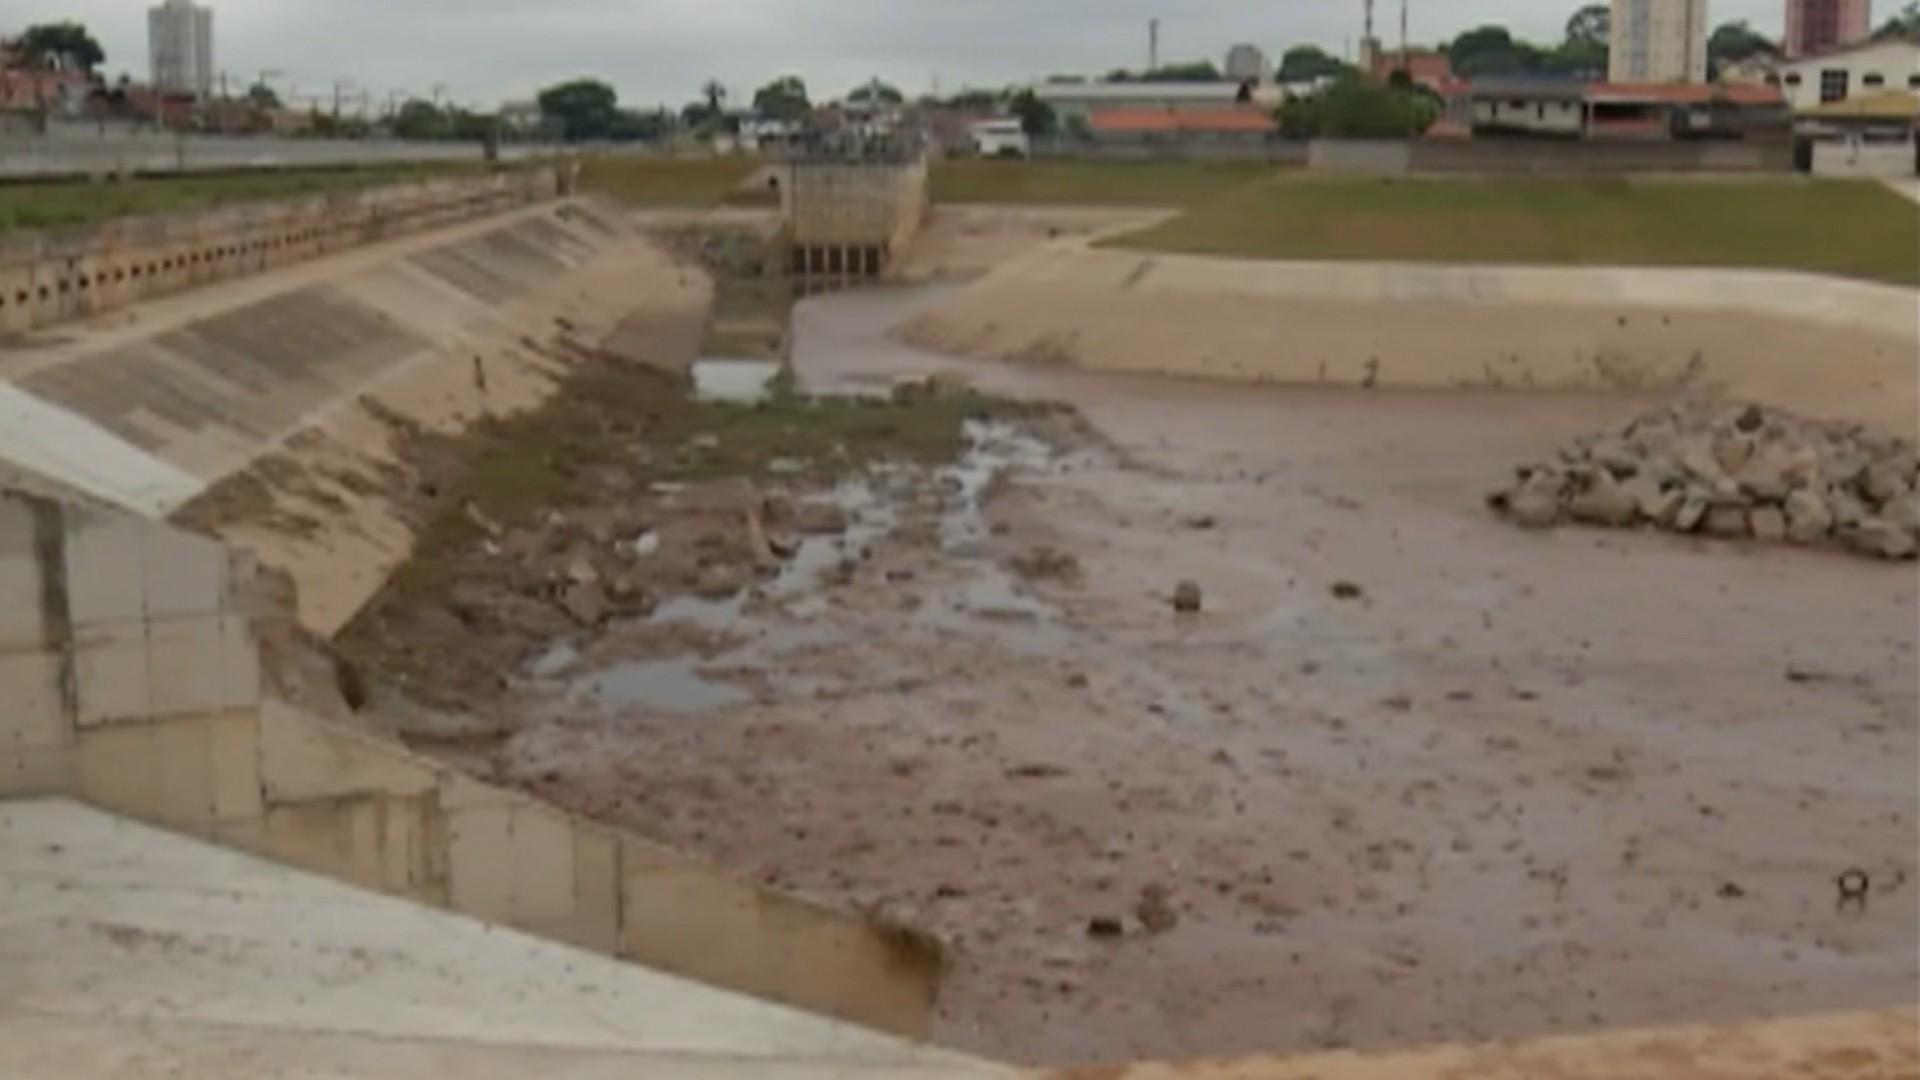 Obra atrasada do piscinão de Poá prolonga problemas de moradores do Jardim Estrela - Notícias - Plantão Diário